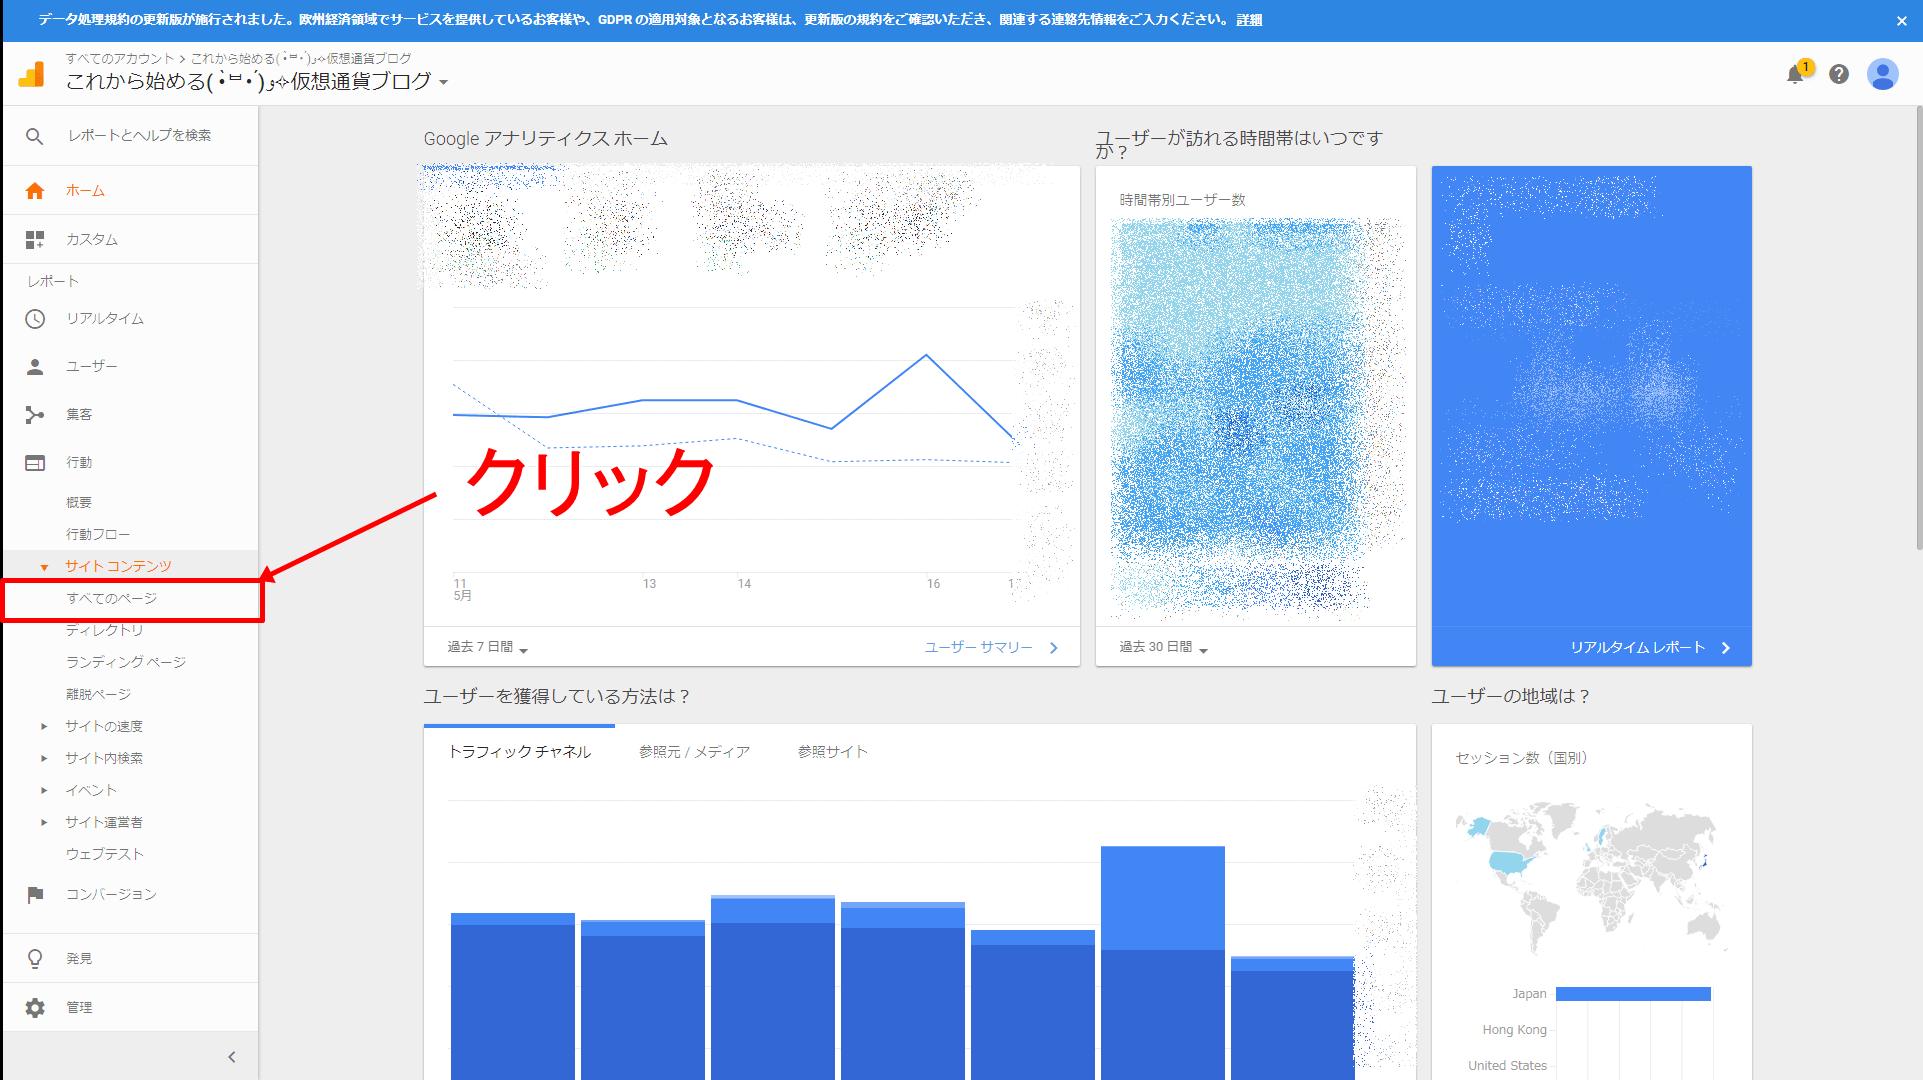 googleanalyticsimage-1